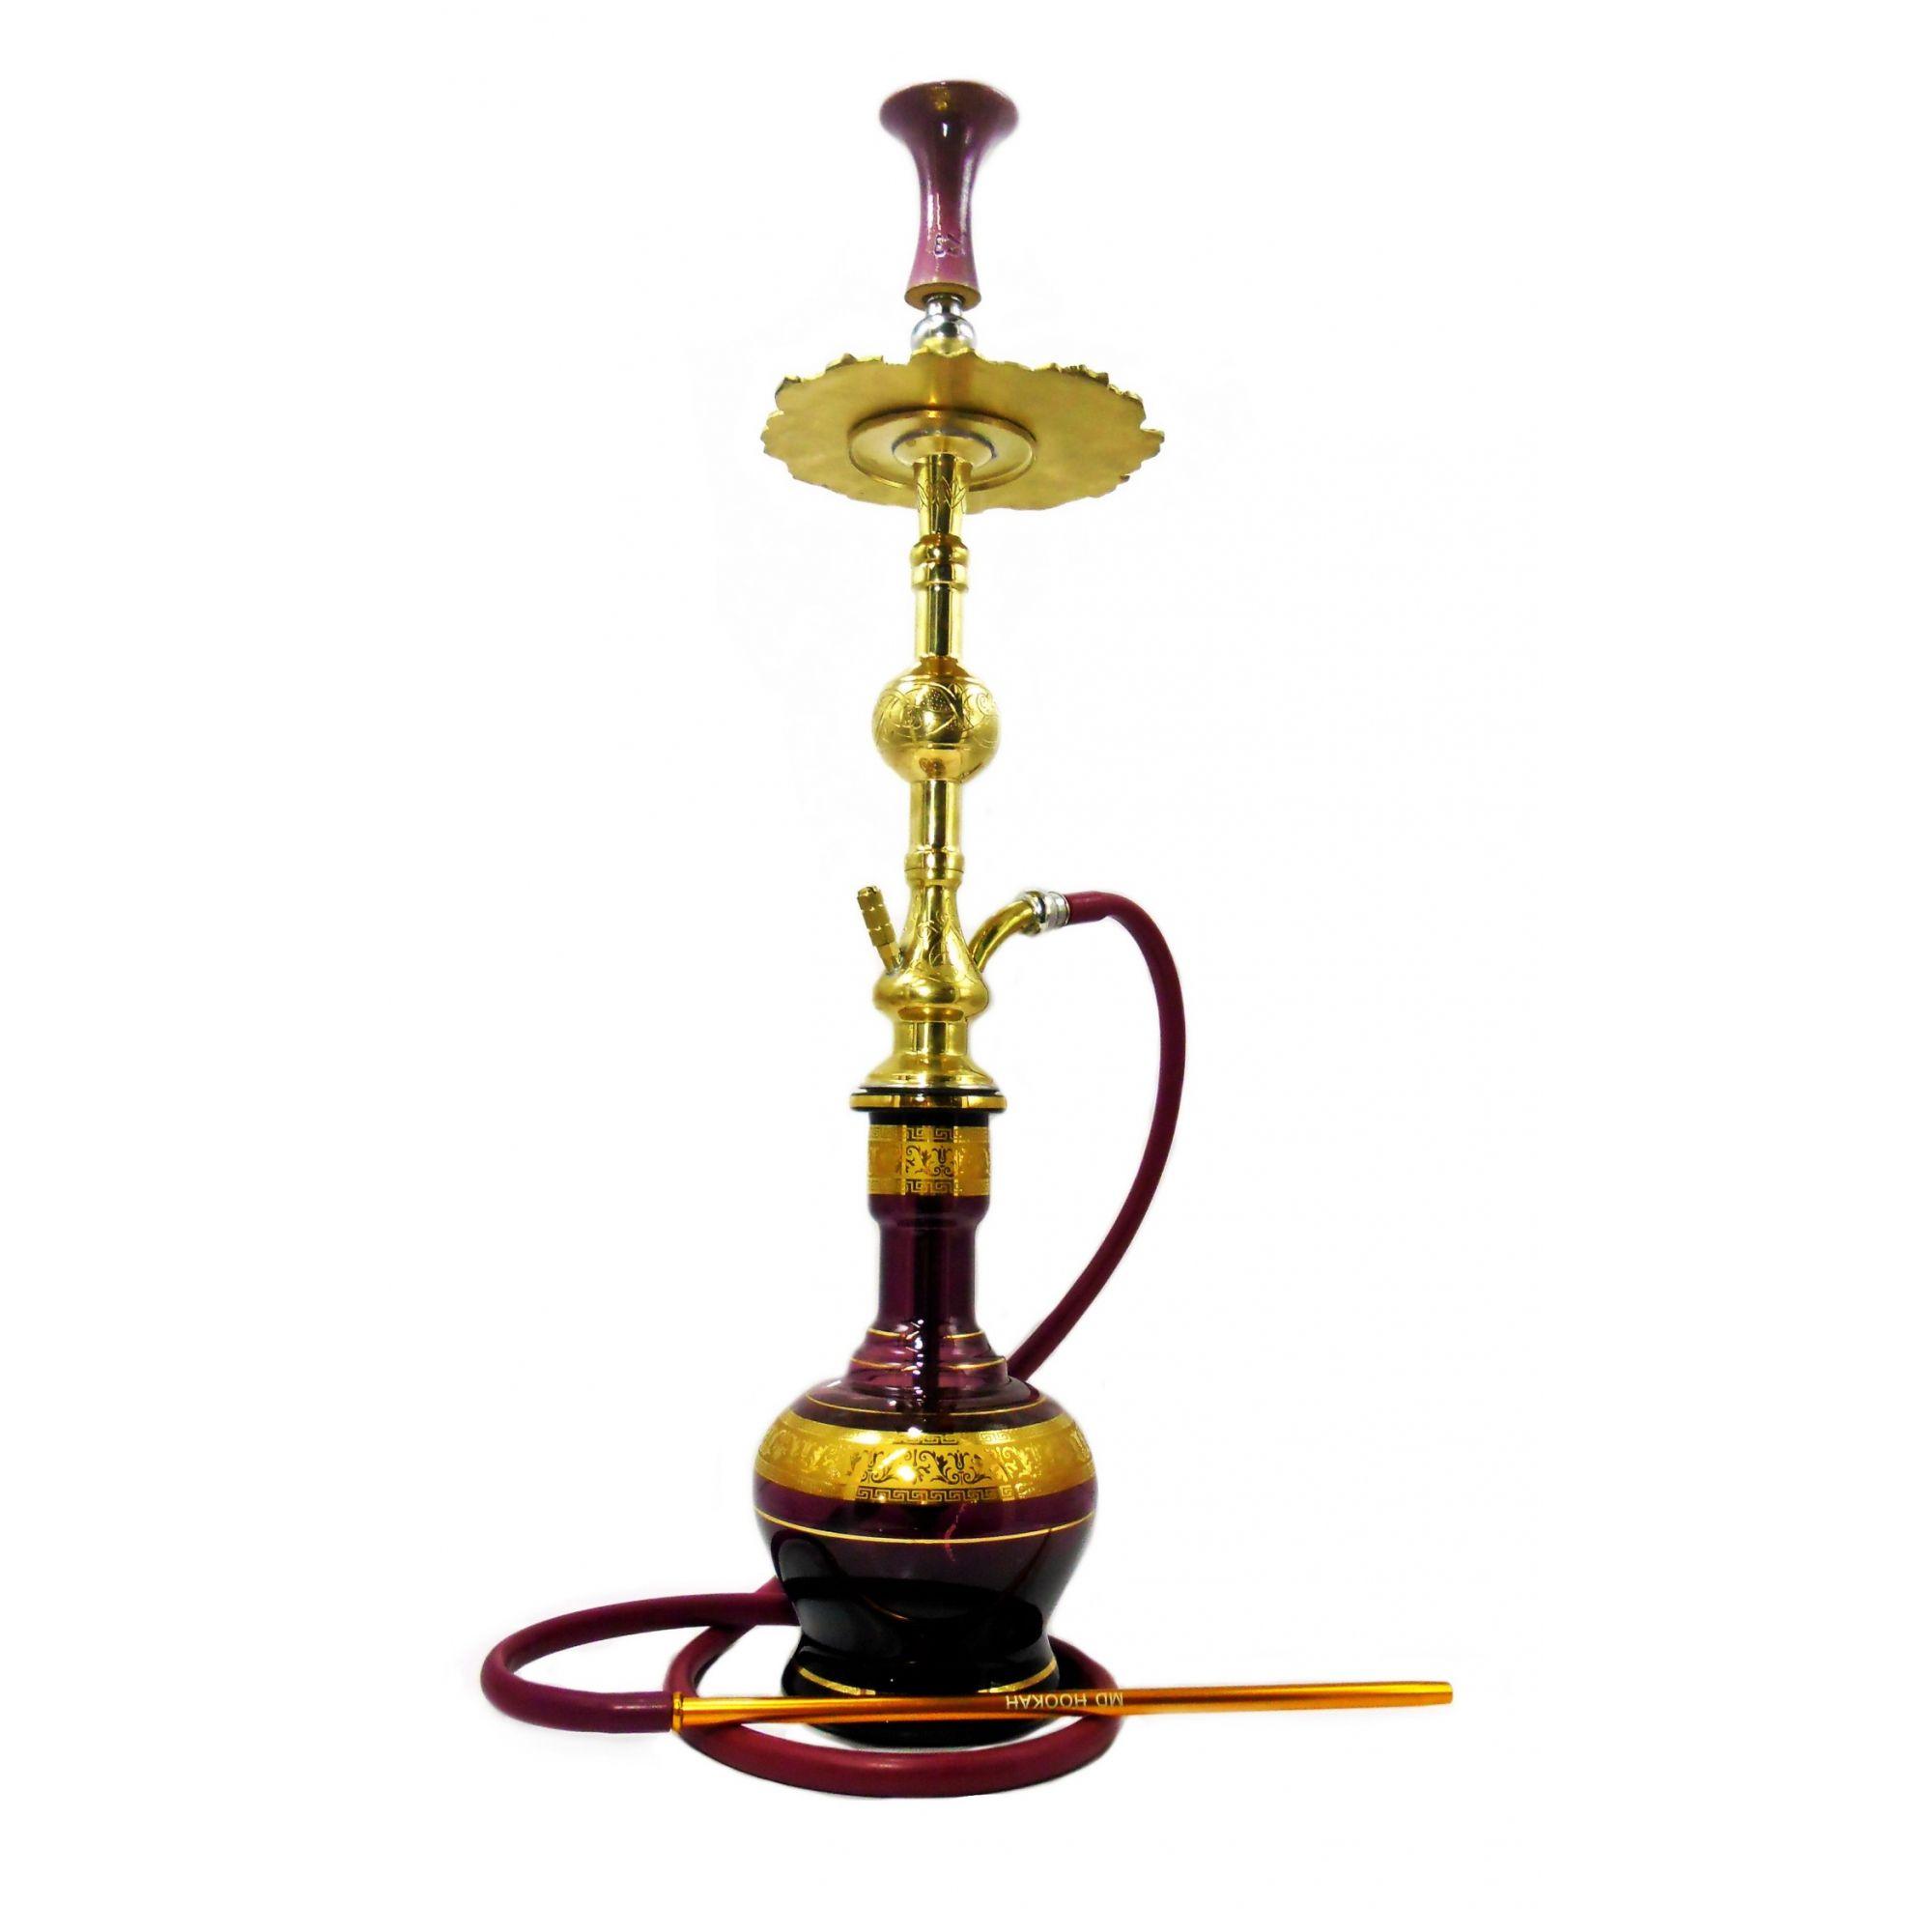 Setup COMPLETO egípcio Royal bronze 86cm, vaso Jumbo, Prato, rosh de barro EZ, mangueira antichamas e vedações.